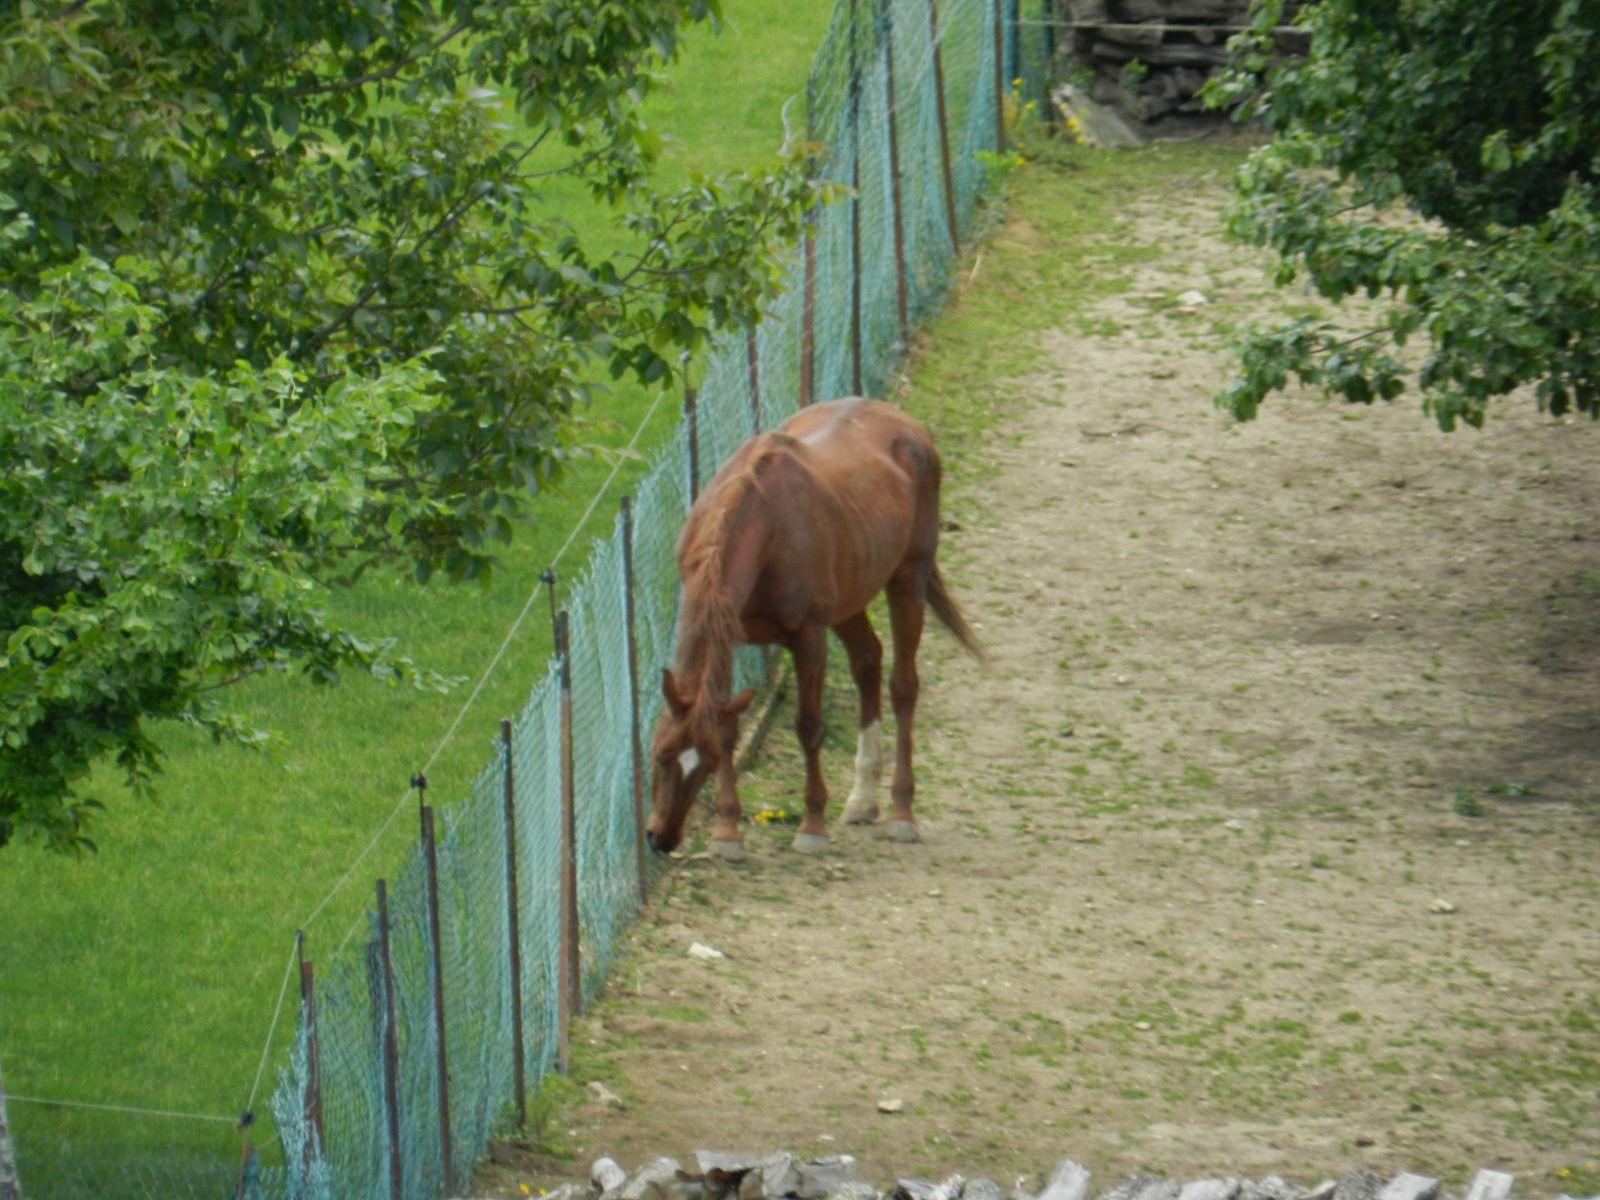 Cheval en paddock devant une clôture. Image soumise à droits d'auteurs. Techniques d'élevage 2014